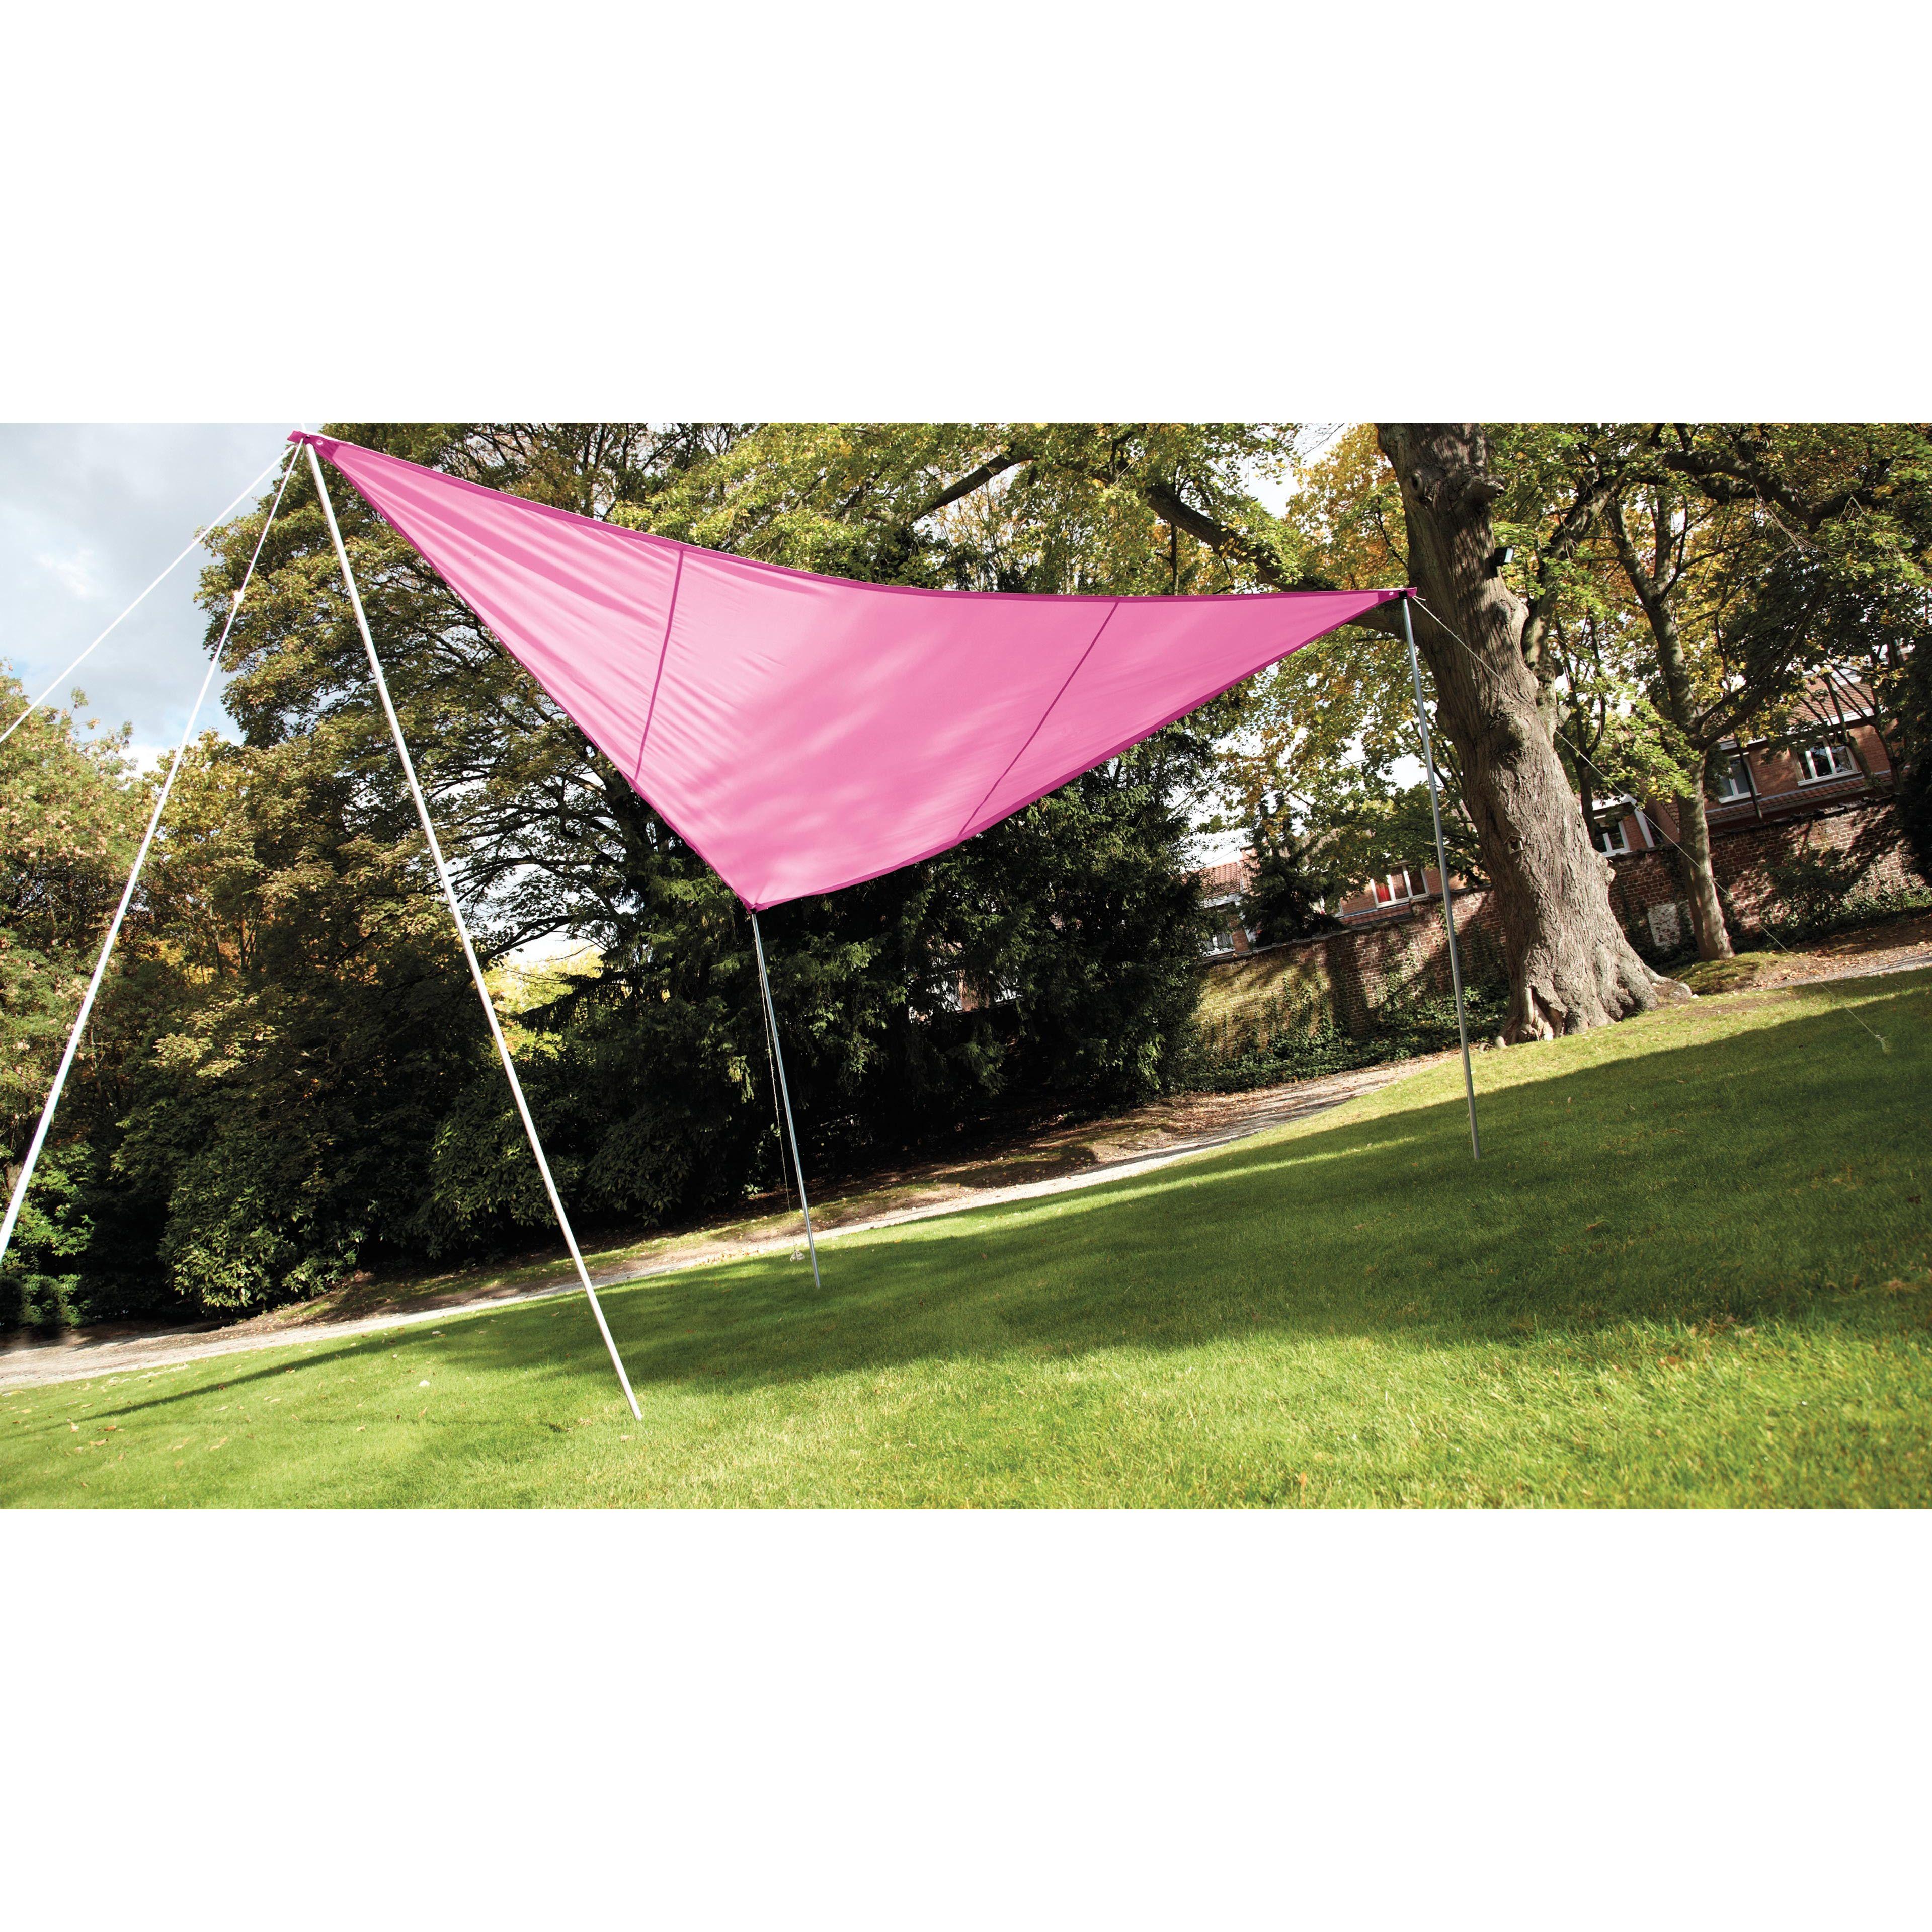 Fabriquer Sa Voile D Ombrage voile d'ombrage triangulaire pas chère